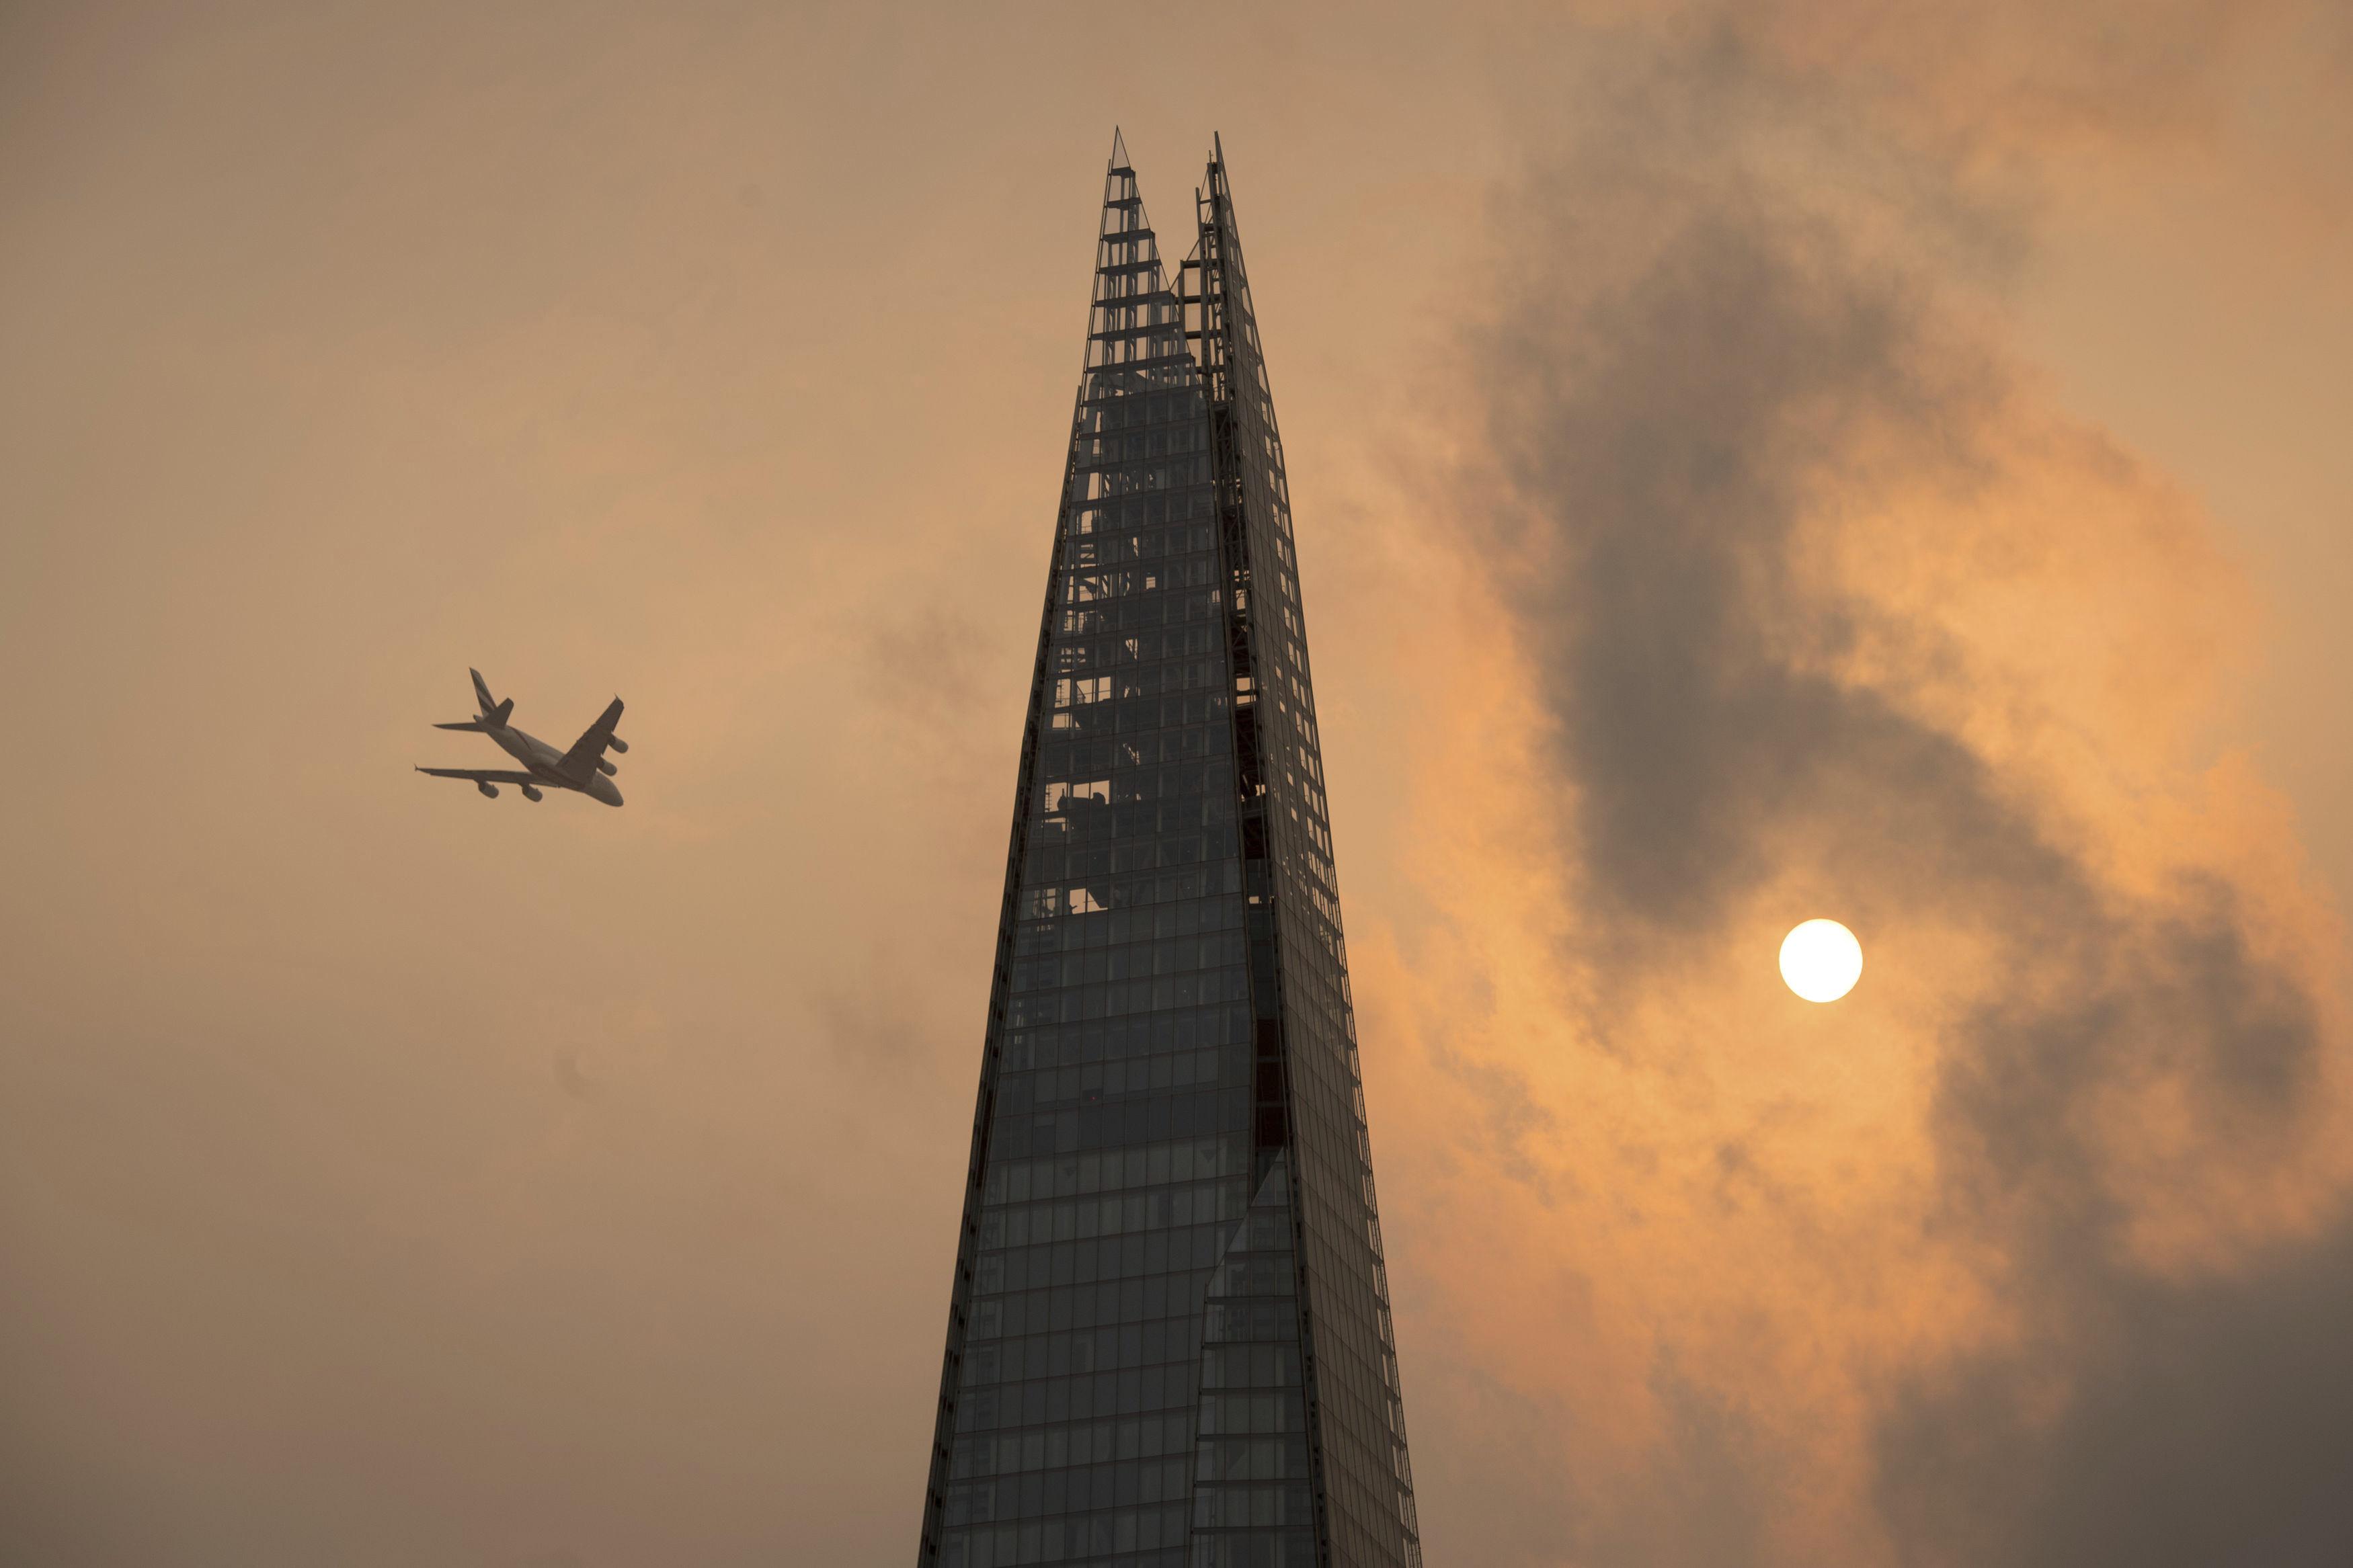 Un avión vuela sobre el rascacielos The Shard en el centro de Londres (Dominic Lipinski/PA vía AP)